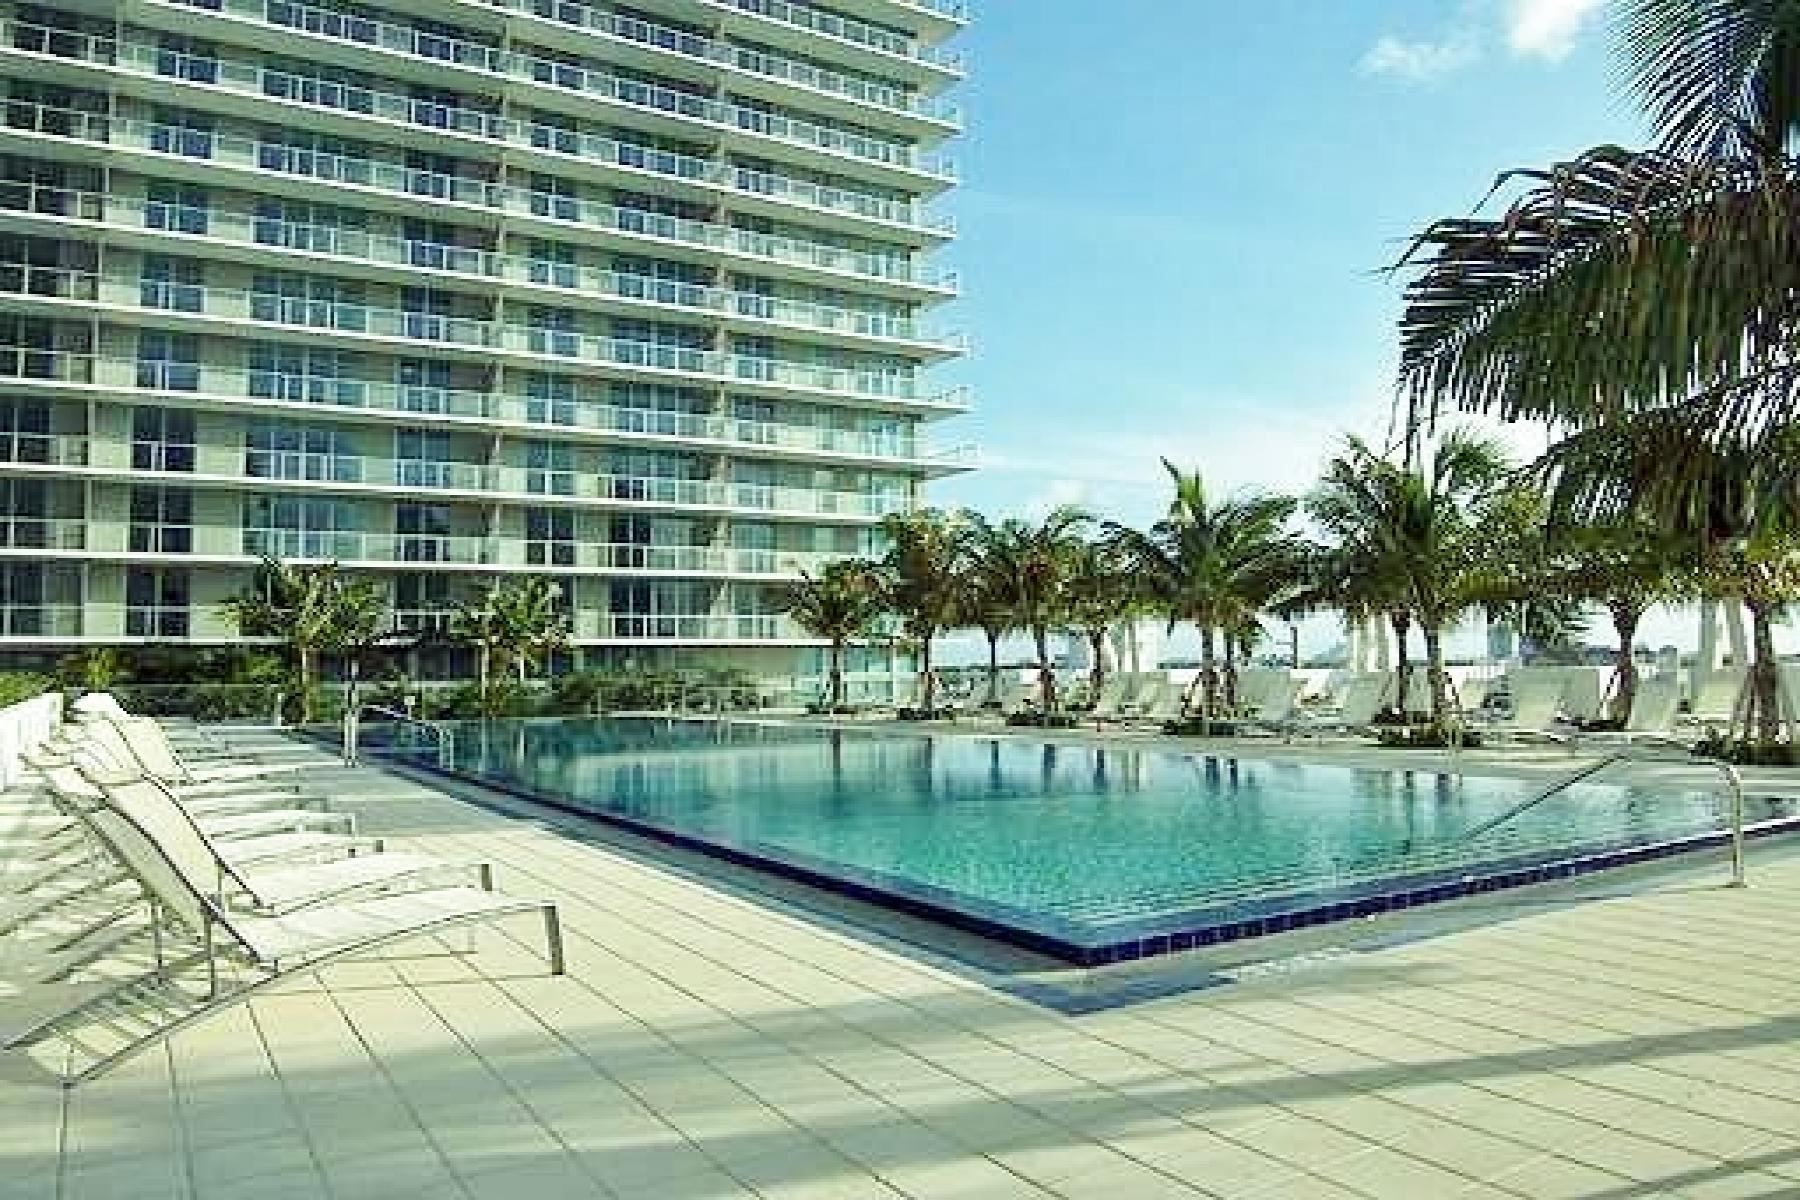 独户住宅 为 销售 在 79 Sw 12 Street 79 Sw12 Street LPH3811-S 迈阿密, 佛罗里达州 33130 美国